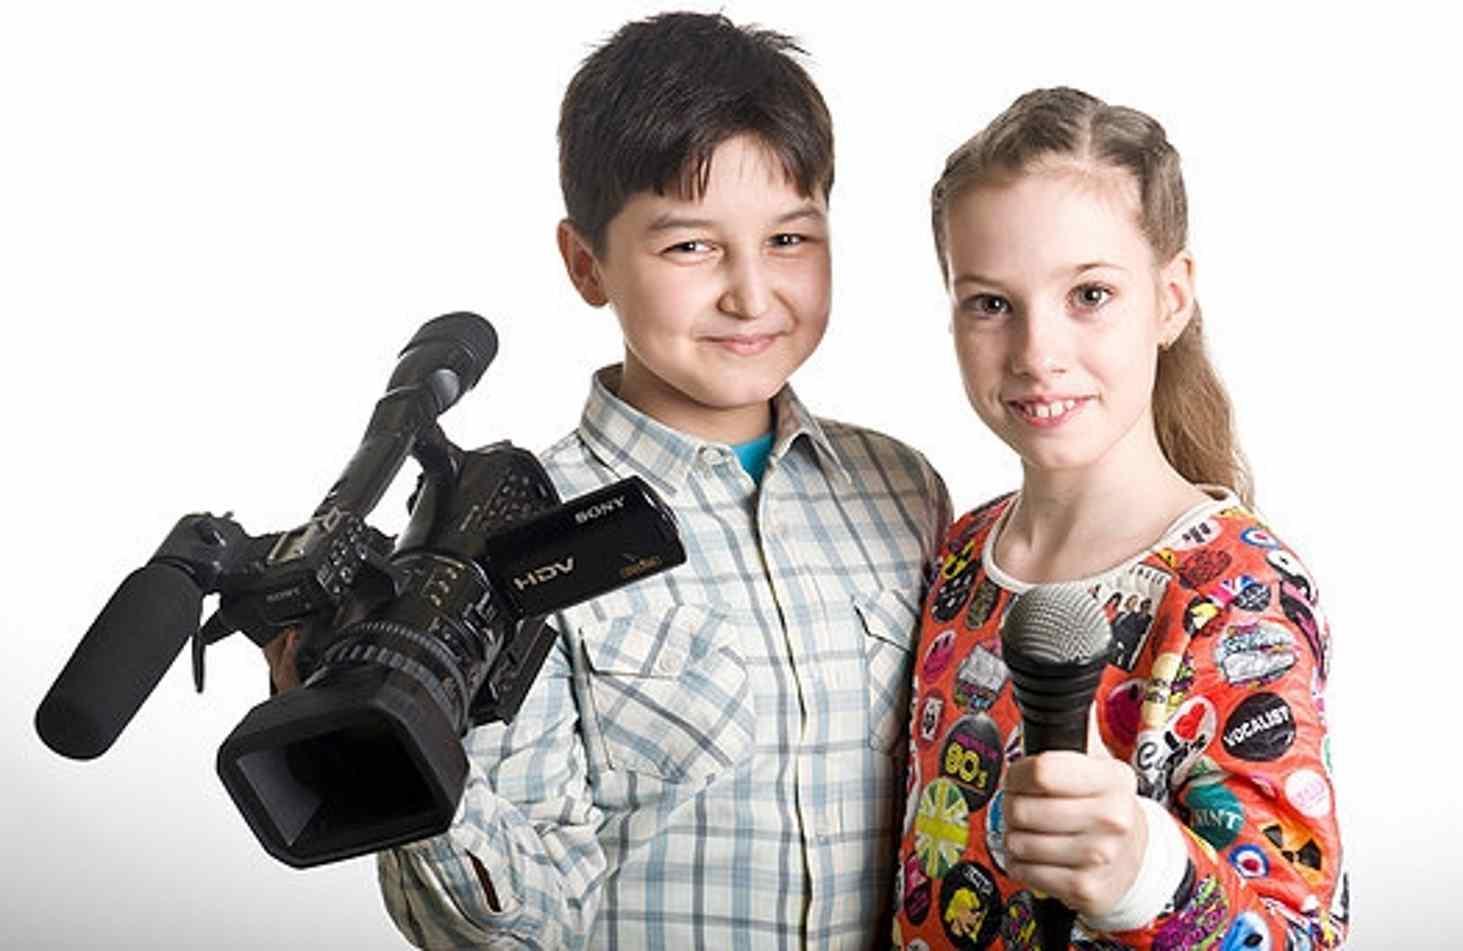 Стартовал 2-й конкурс школьных СМИ Будущее журналистики